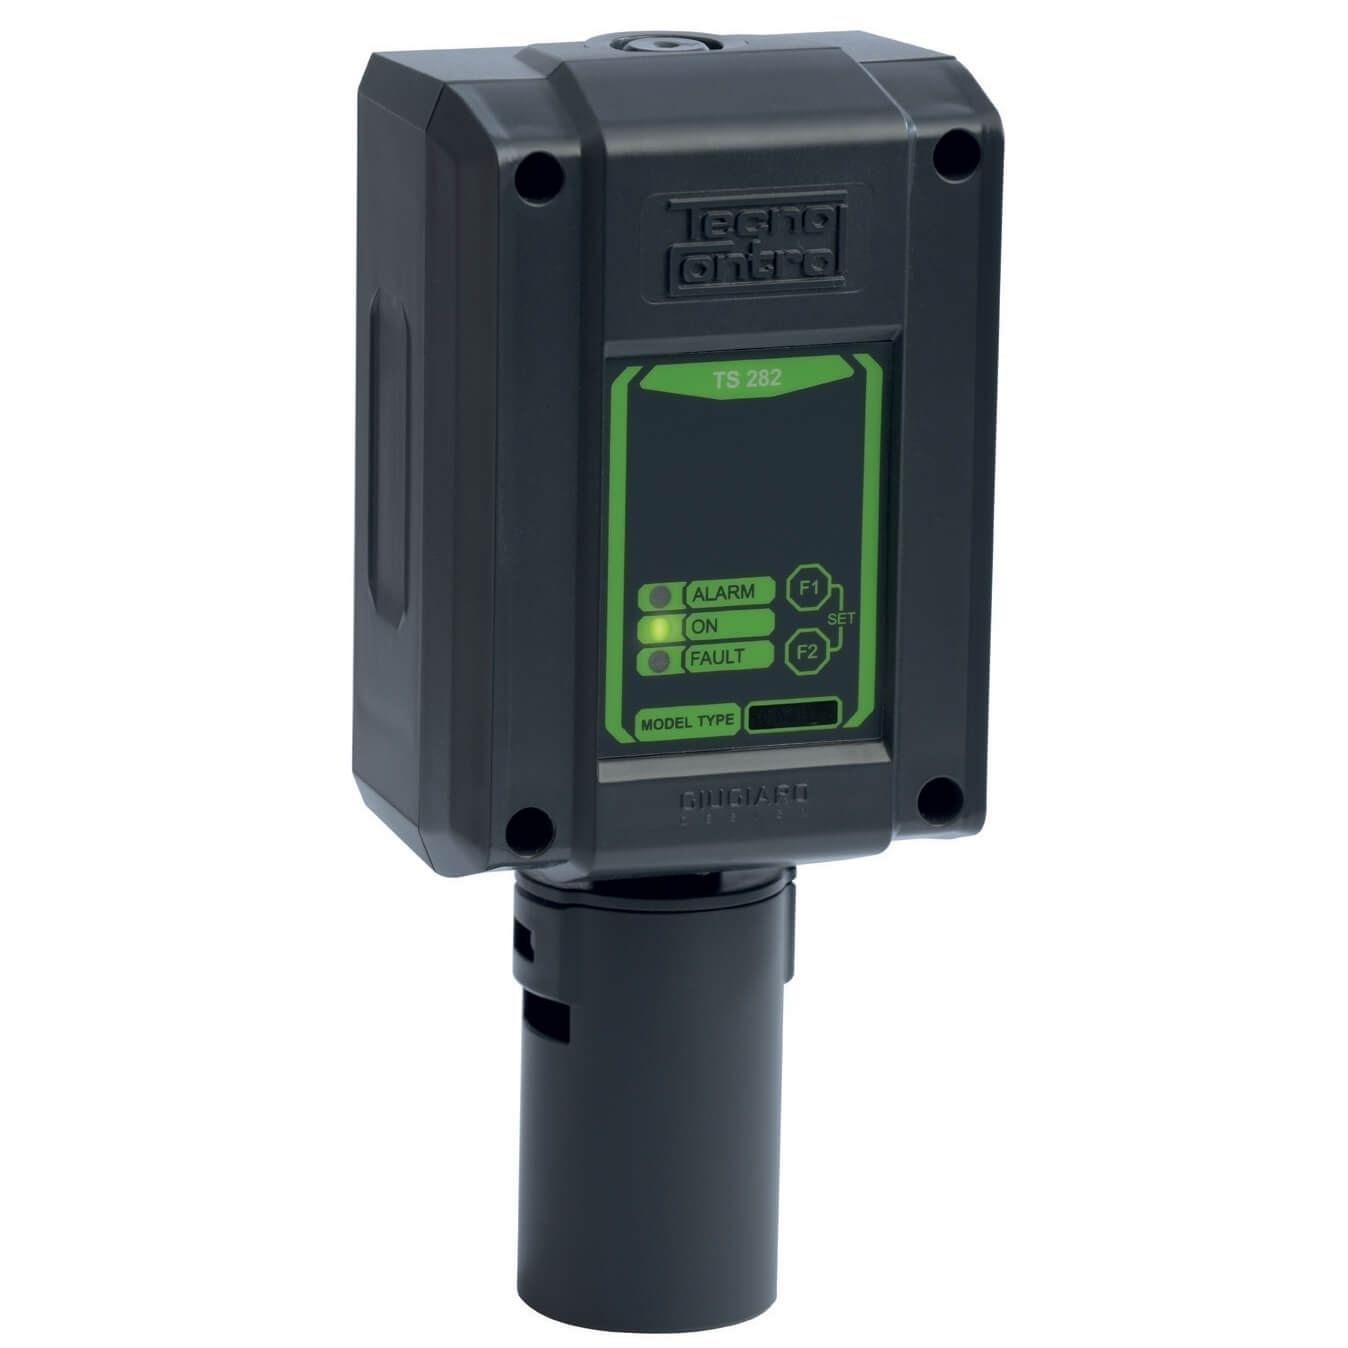 Billede af Detektor | HCN | Blåsyre | Hydrogencyanid | Måleområde 0-10 ppm | 4-20mA udgangssignal